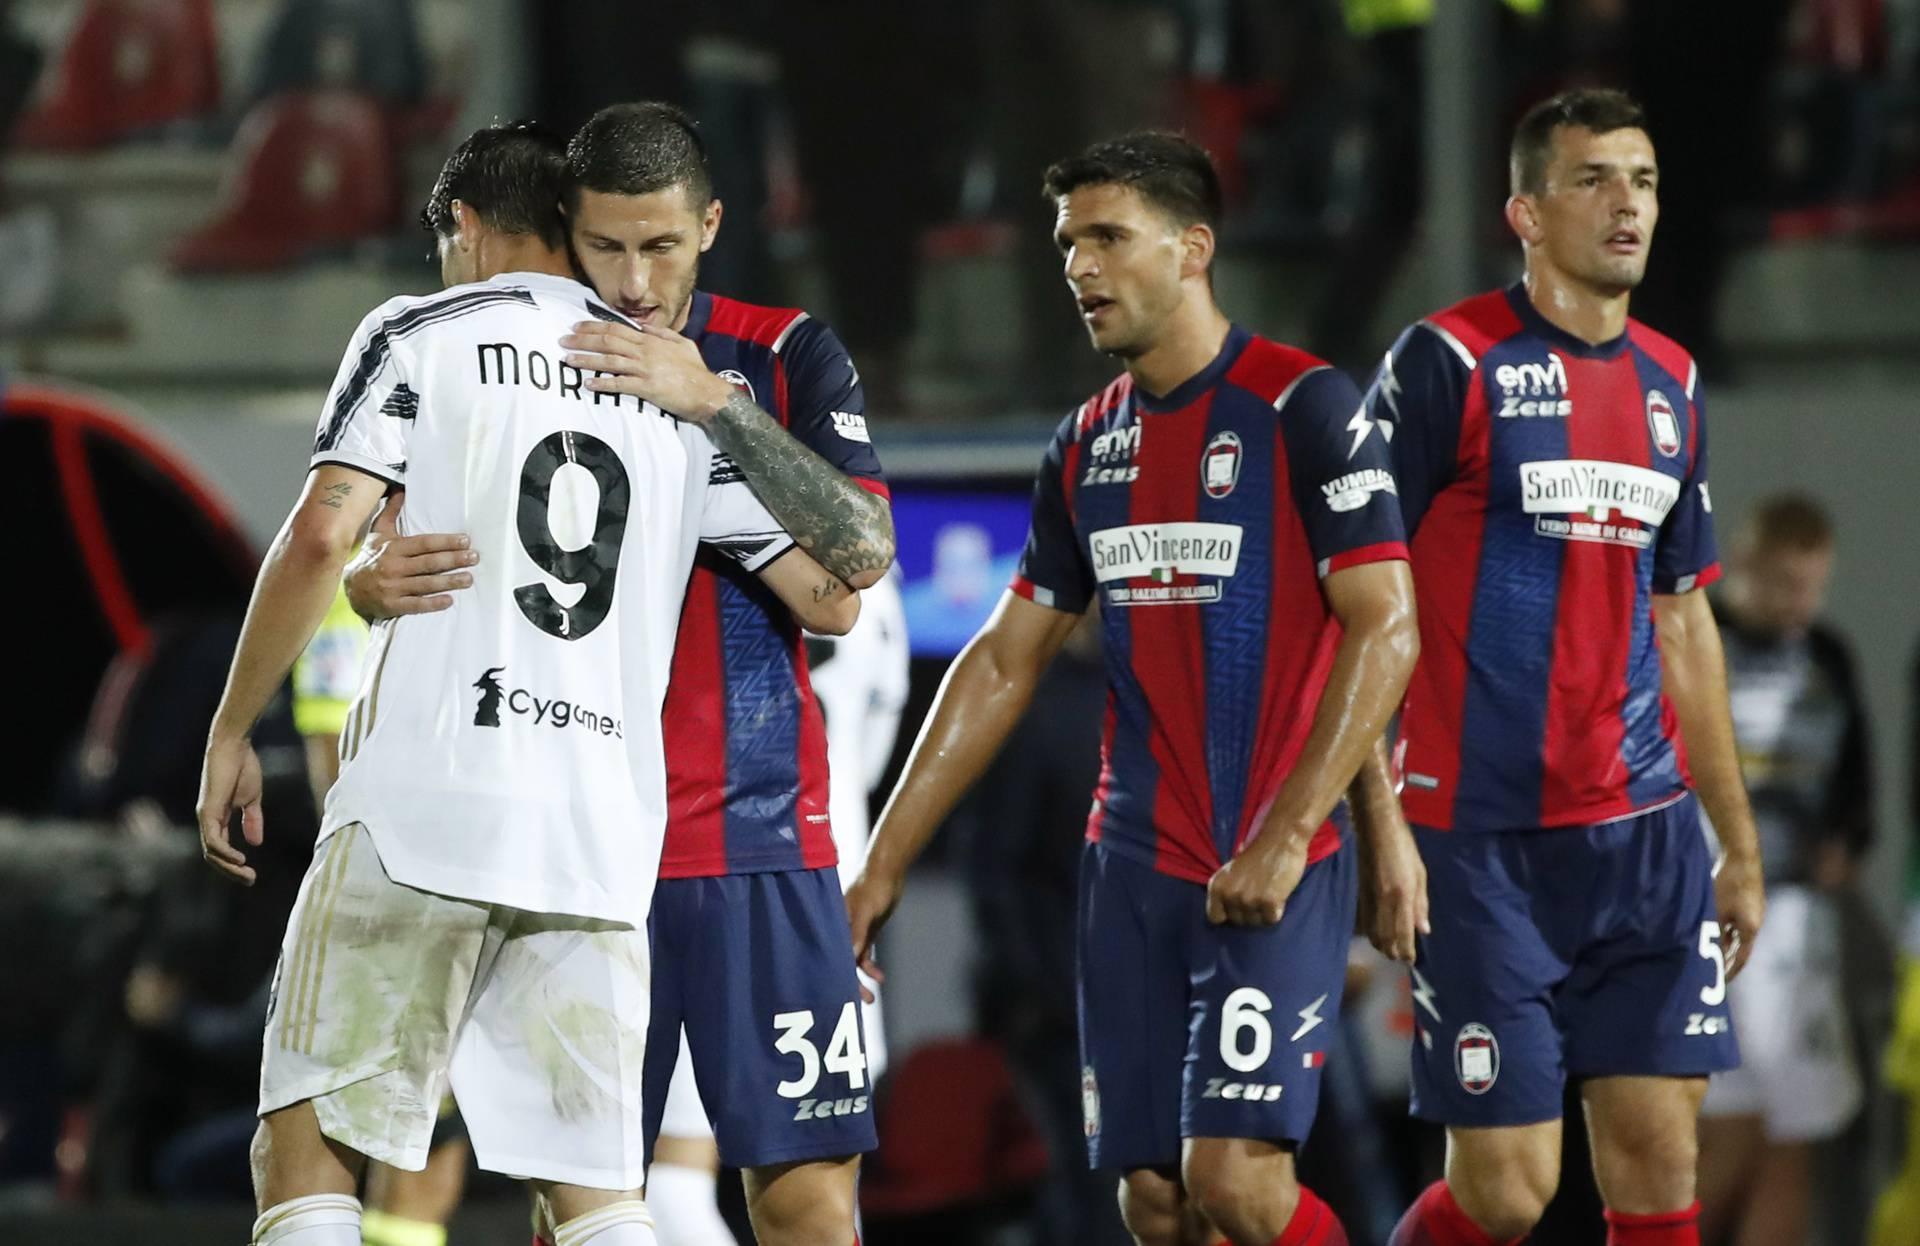 Serie A - Crotone v Juventus